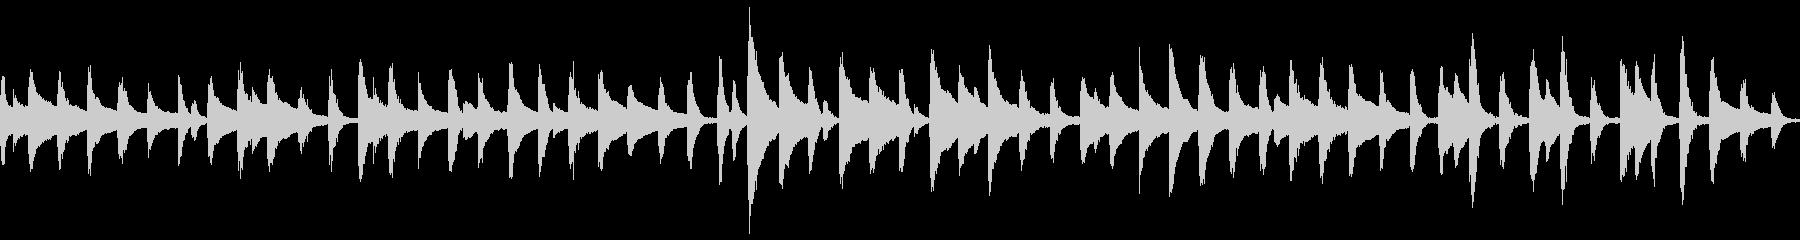 童謡「鯉のぼり」ループ仕様ピアノソロの未再生の波形